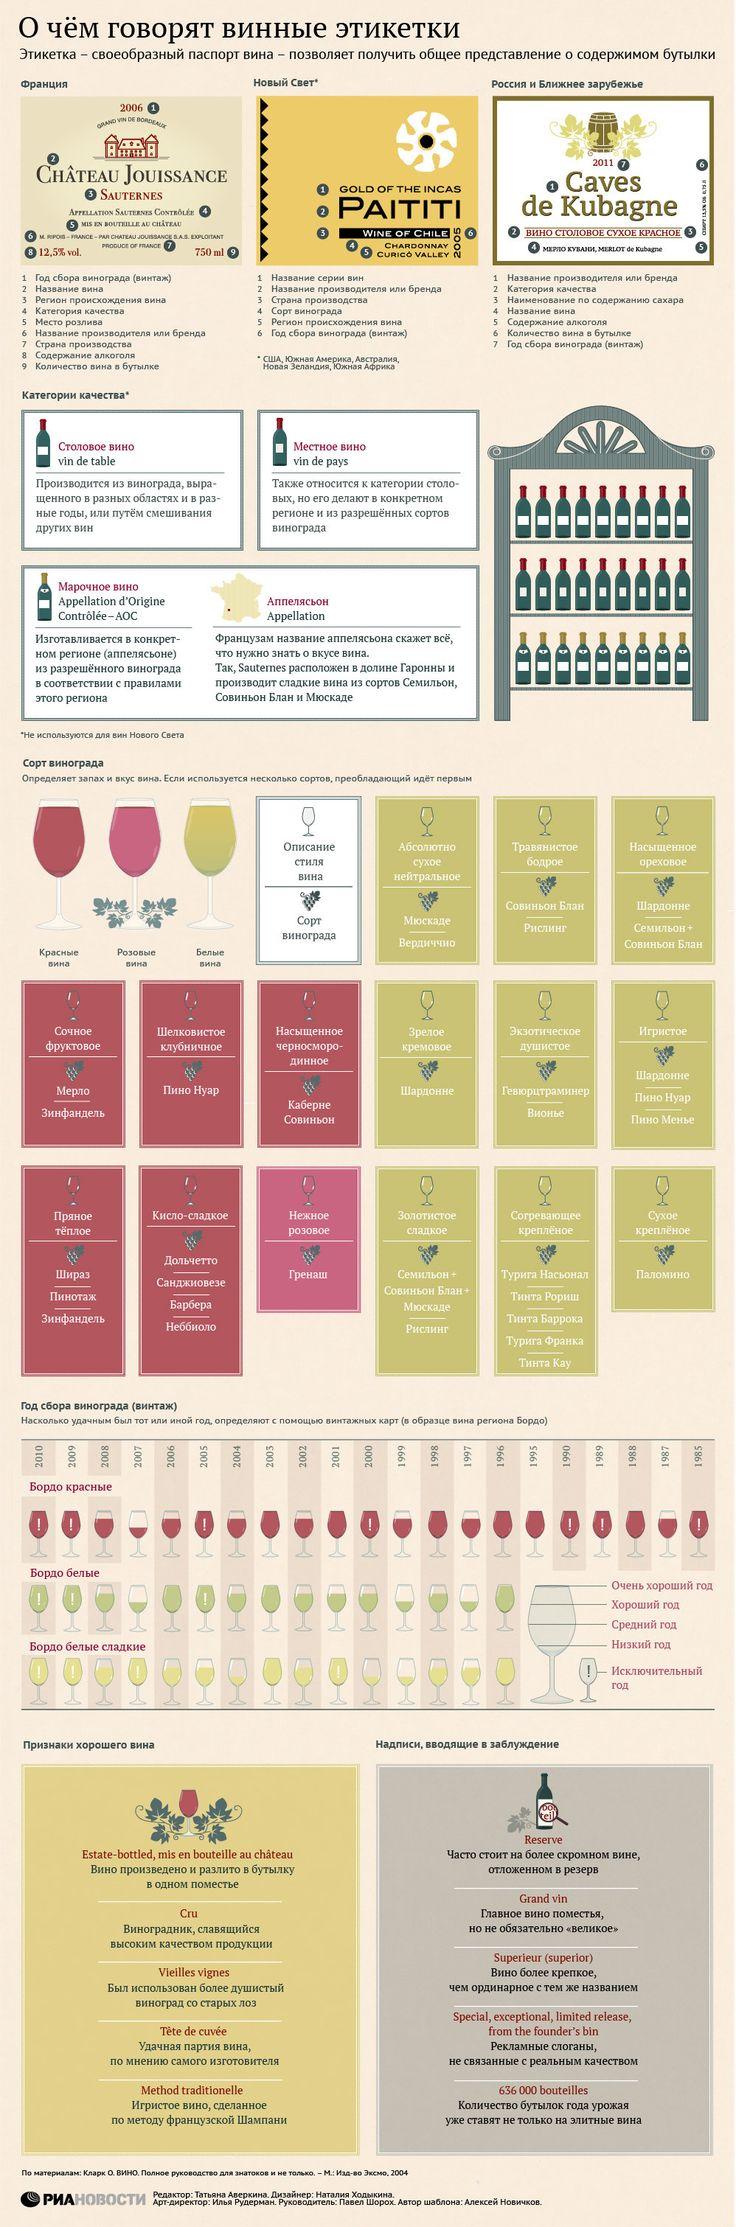 Знакомство с вином начинается с этикетки. Что из указанного на бутылке дает реальное представление о качестве и вкусе напитка, какими надписями можно…